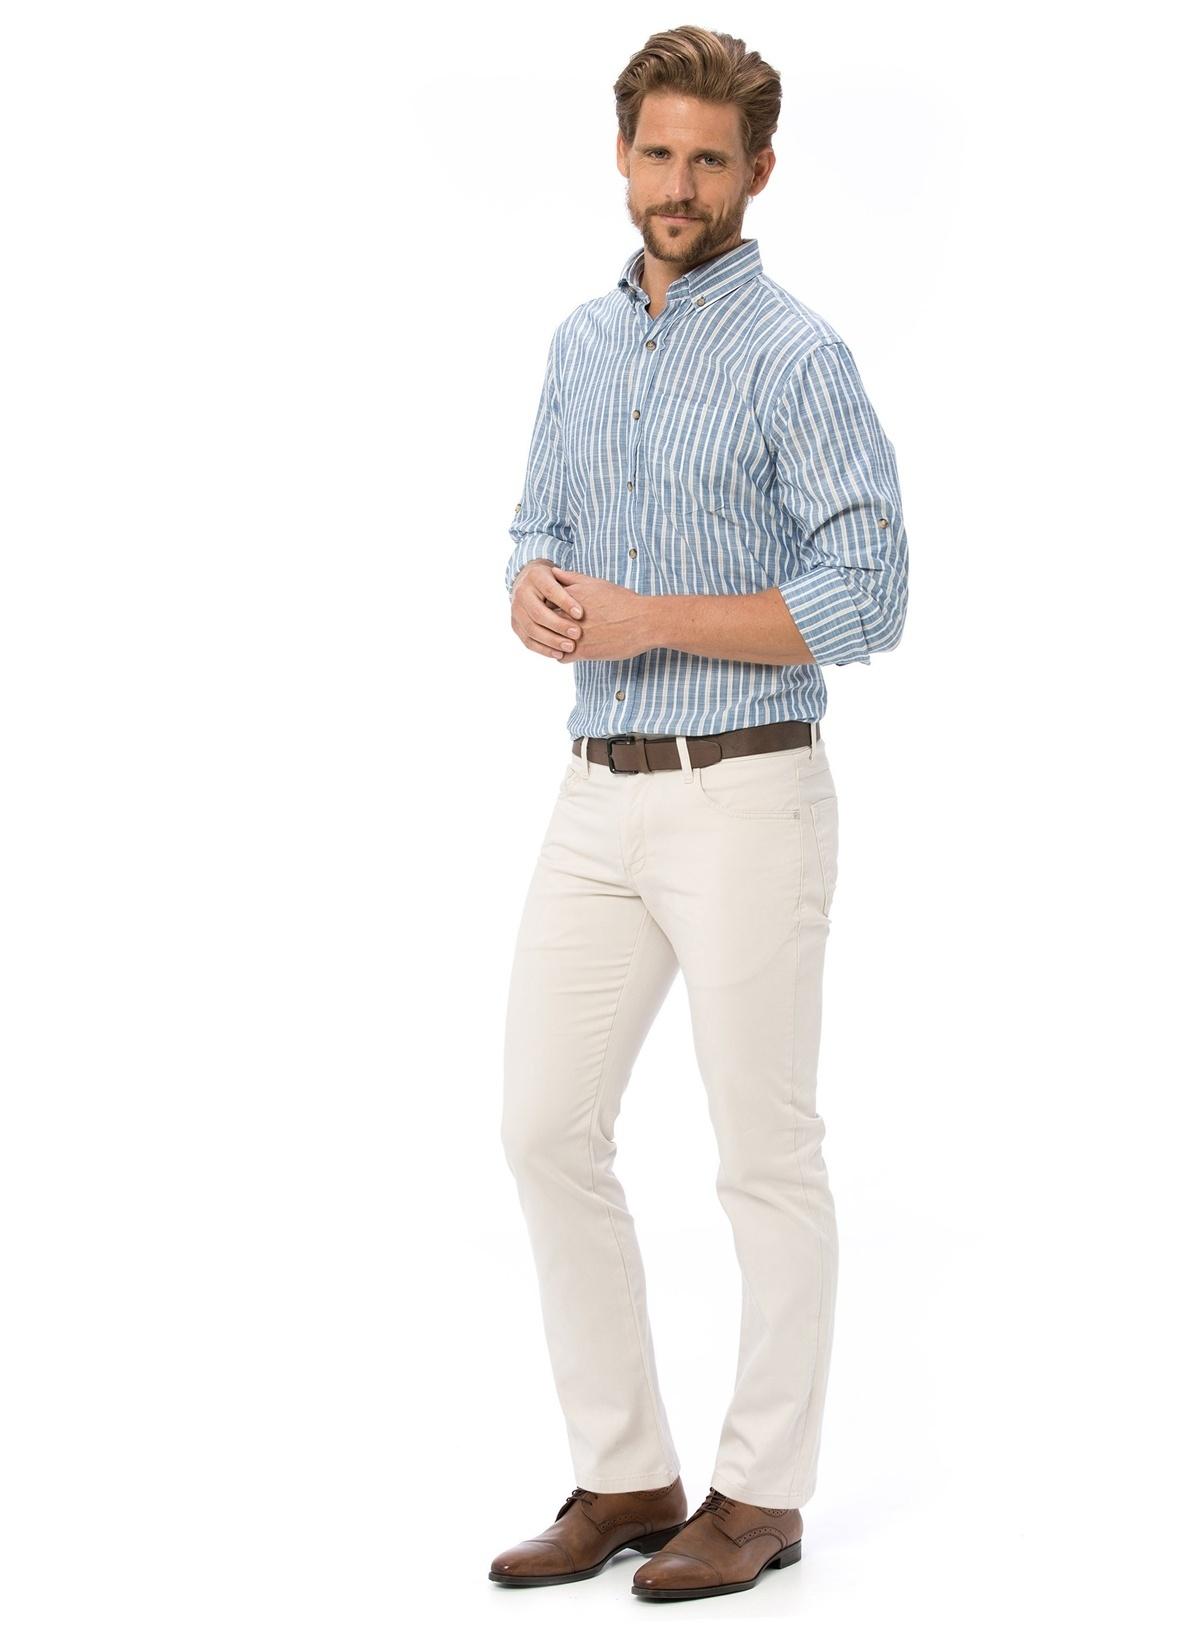 Lc Waikiki Slim Fit Pantolon 8s1446z8 Pantolon – 59.99 TL